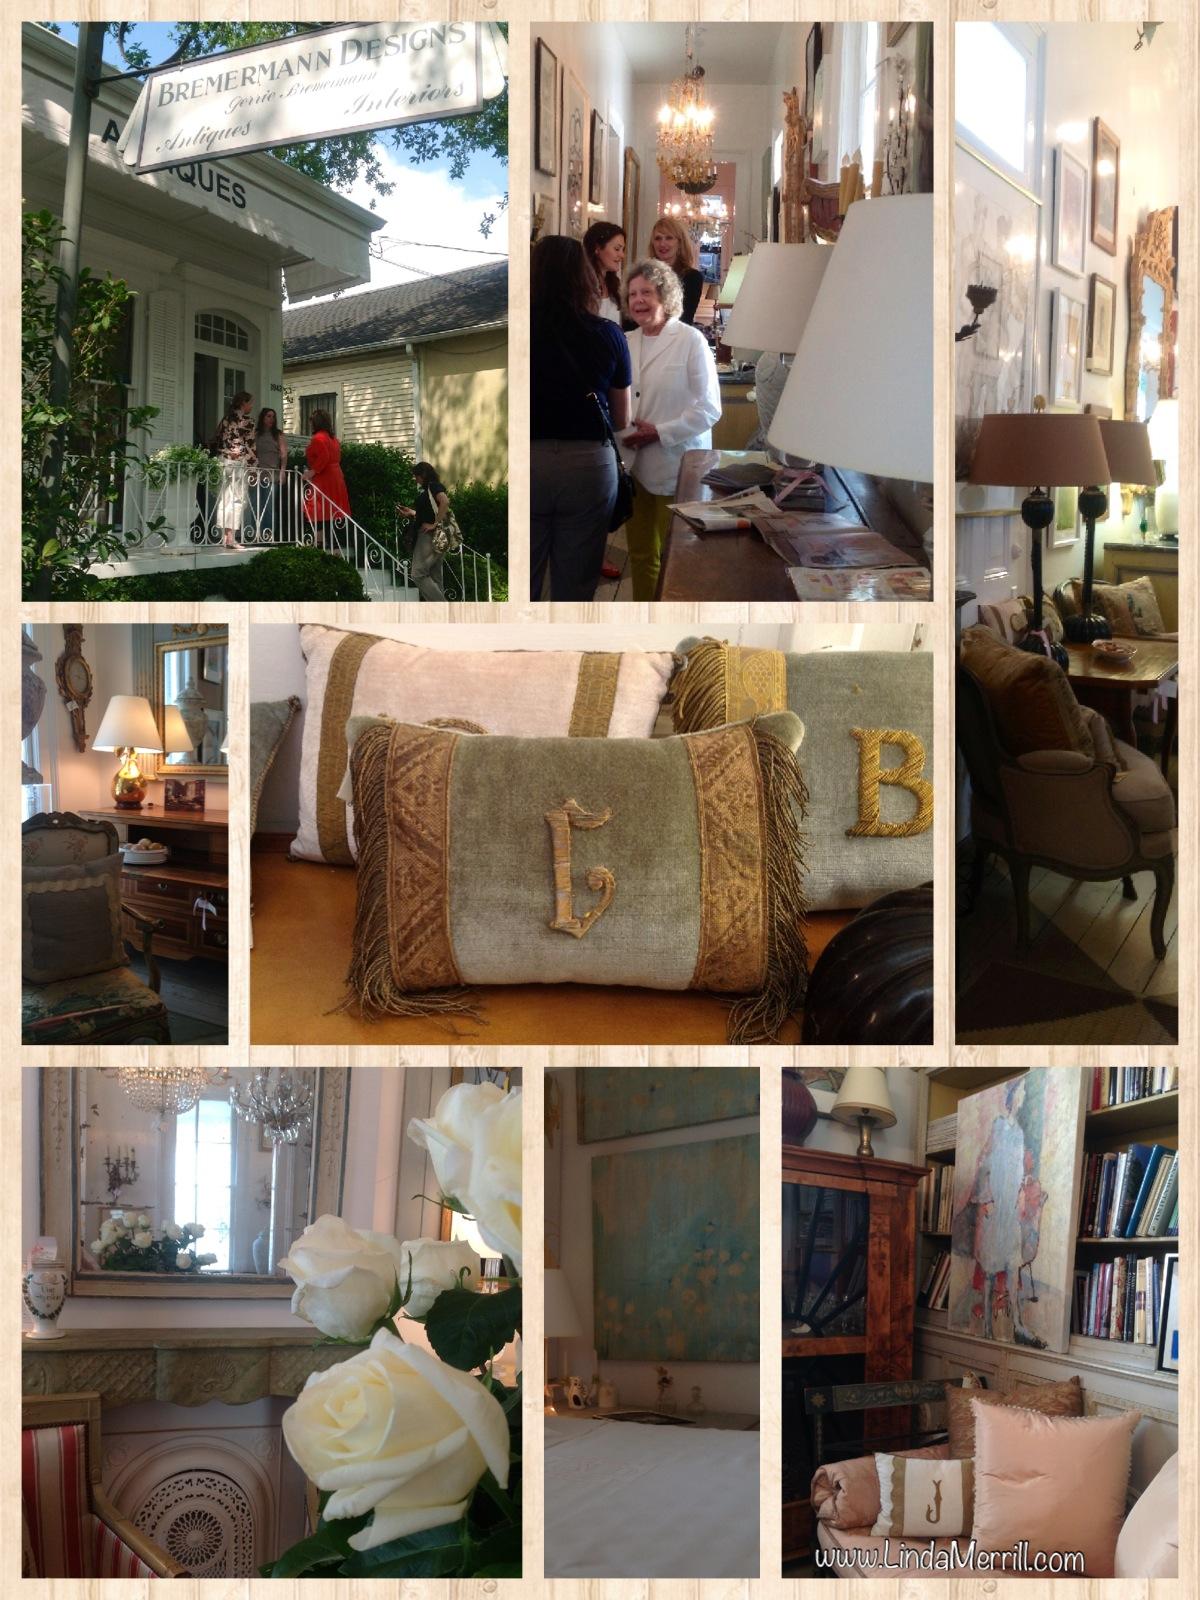 home design interior blogtournola antiquing on magazine